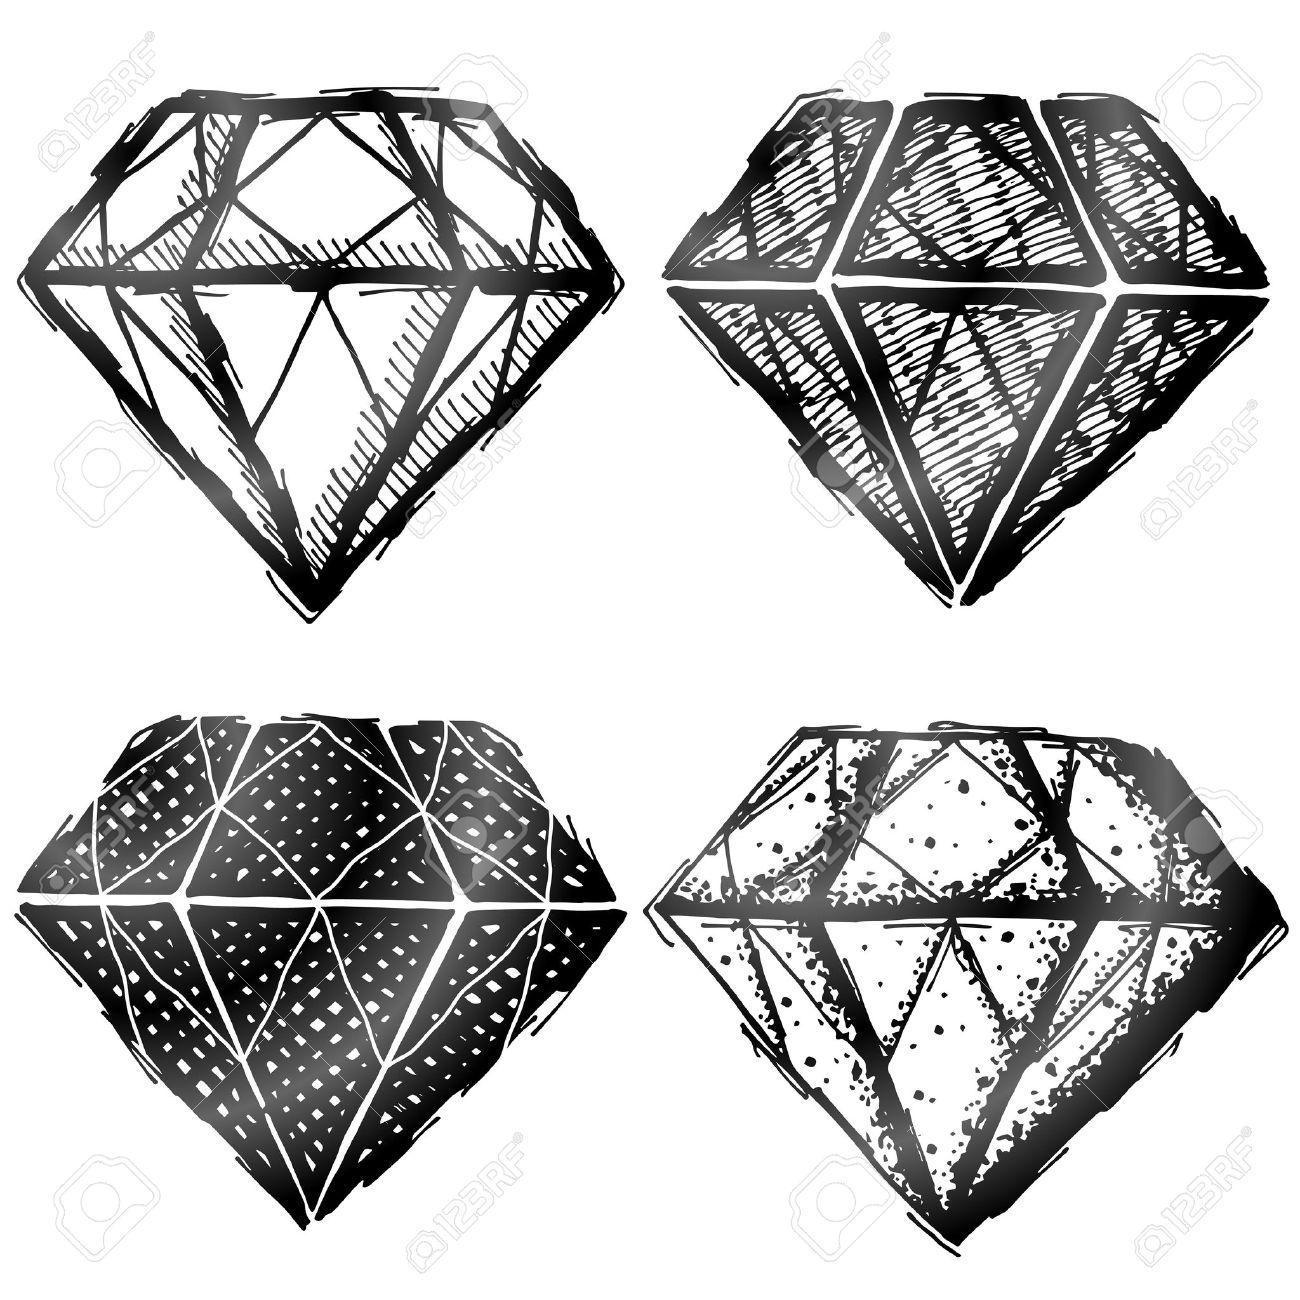 Dibujado A Mano Símbolo De Diamante Boceto De Carteles De Piedras